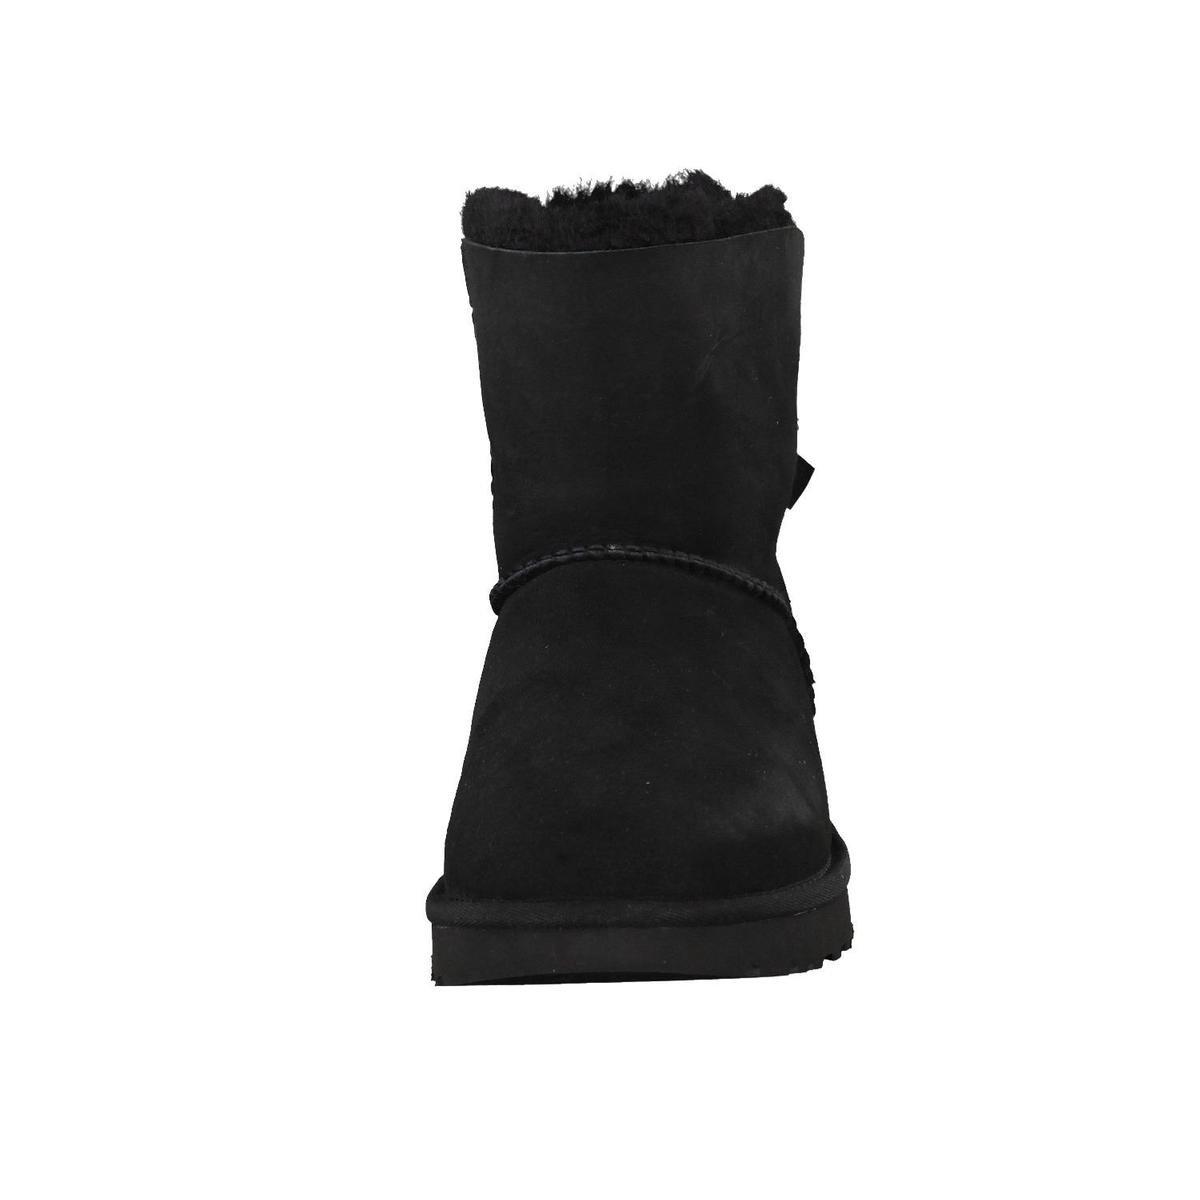 UGG Mini Bailey Bow II Dames Laarzen - Black - Maat 38 Enkellaarsjes